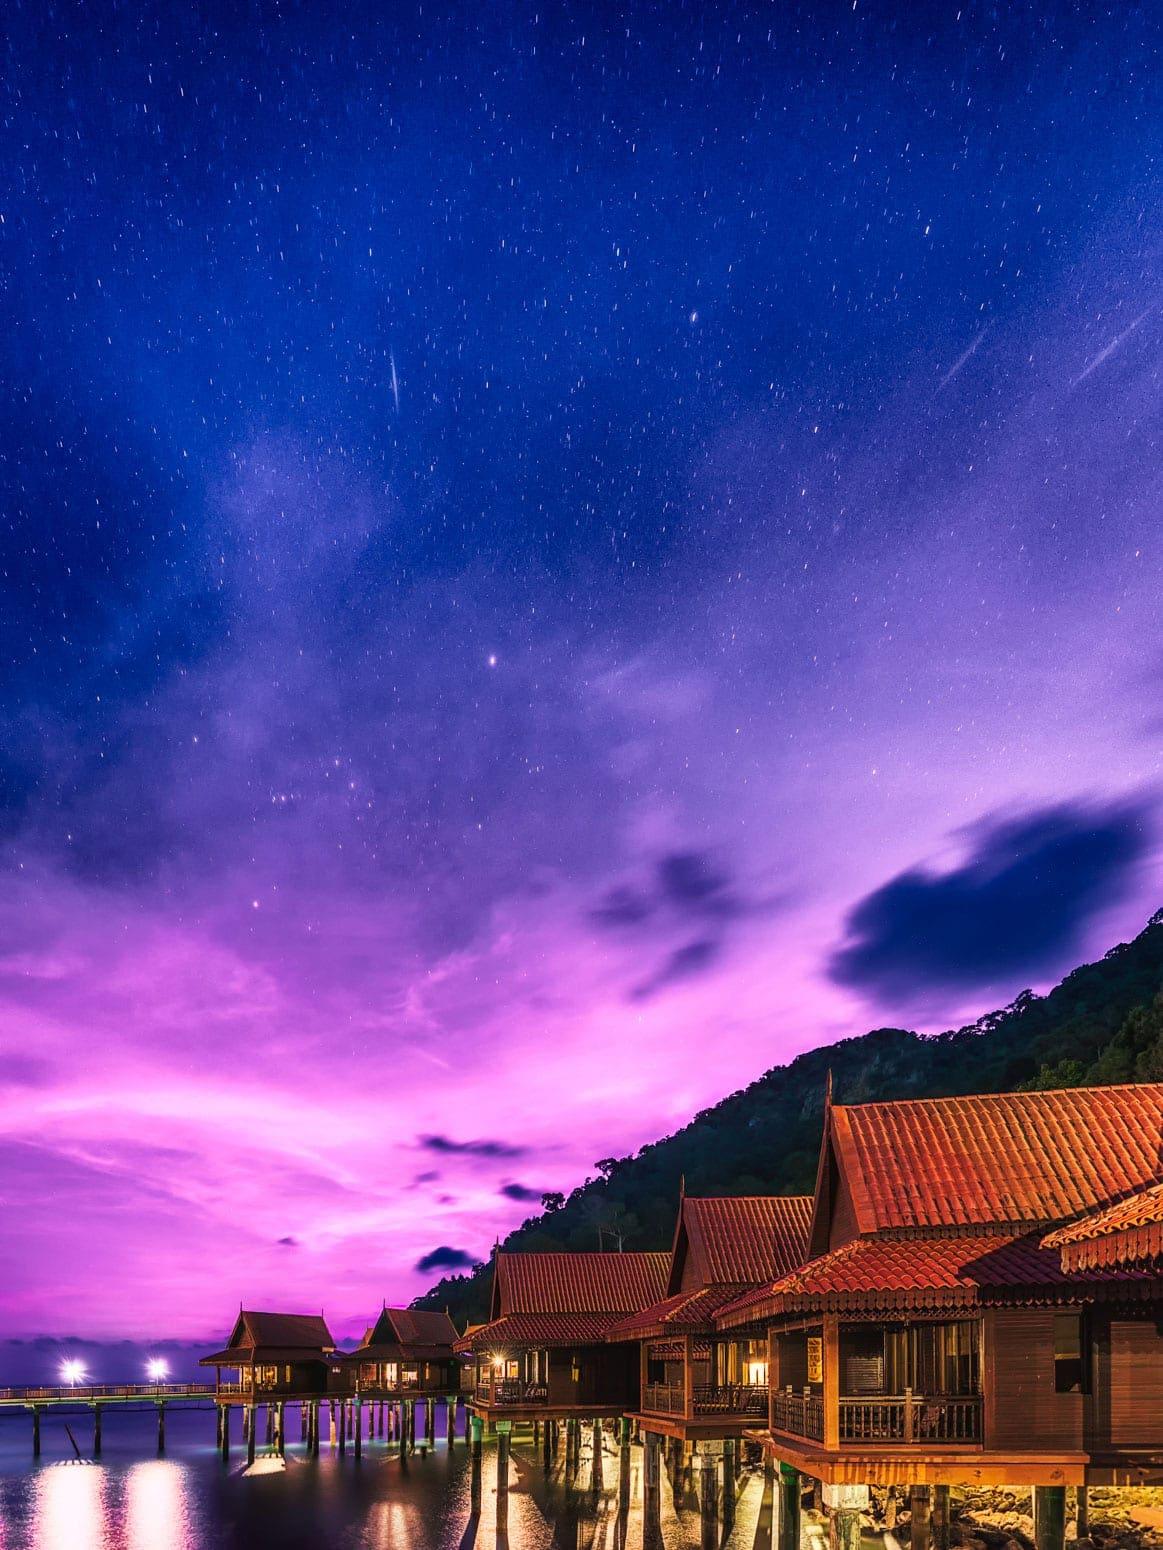 Sterne über Langkawi, Malaysia. Berjaya Langkawi Resort bei Nacht